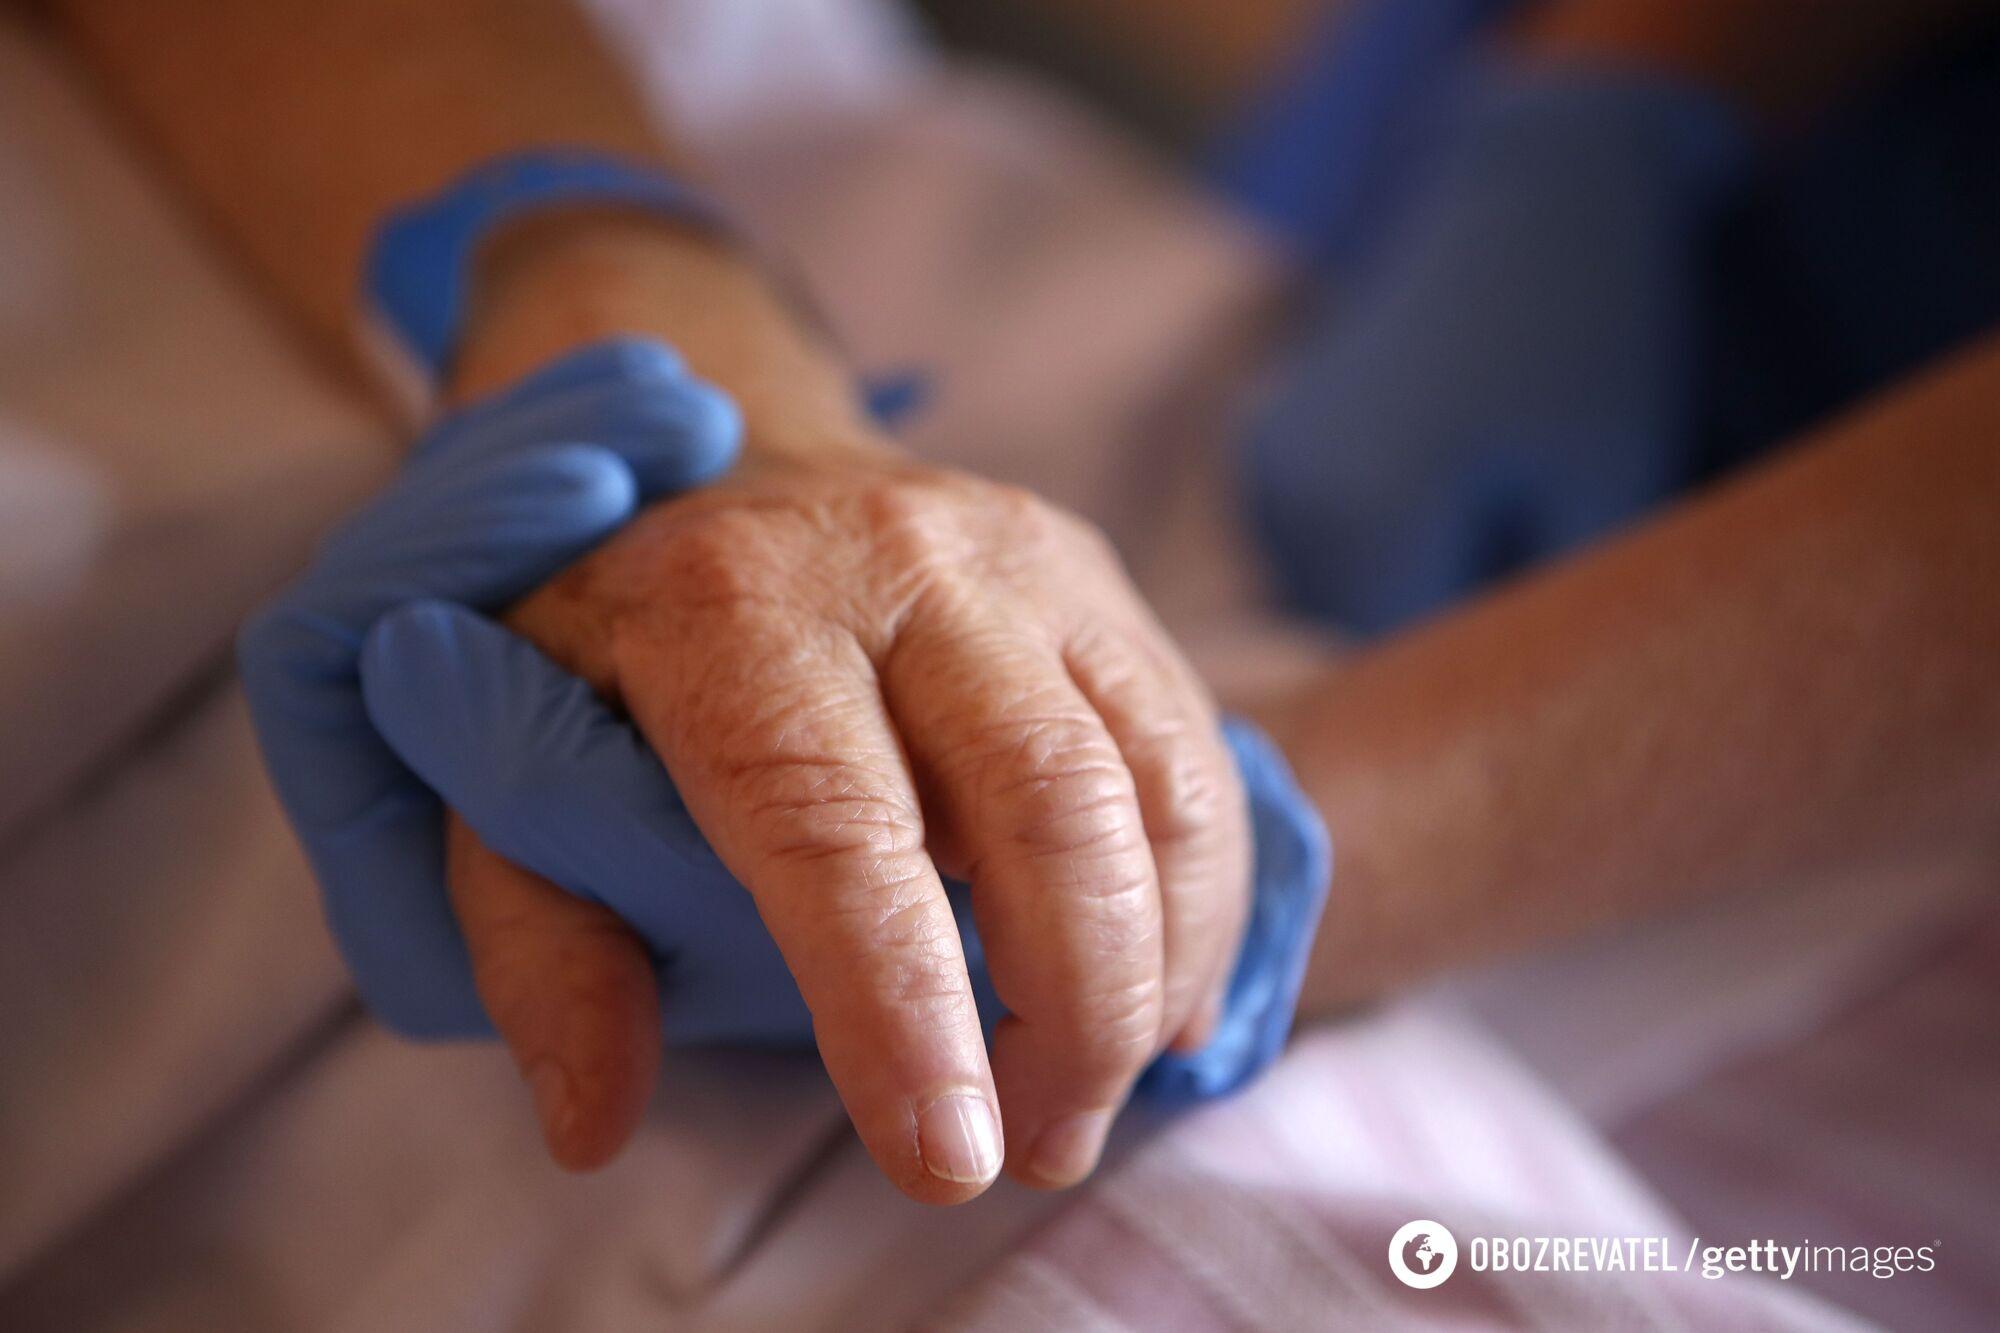 Мировая система здравоохранения оказалась несостоятельной в плане противодействия инфекциям.